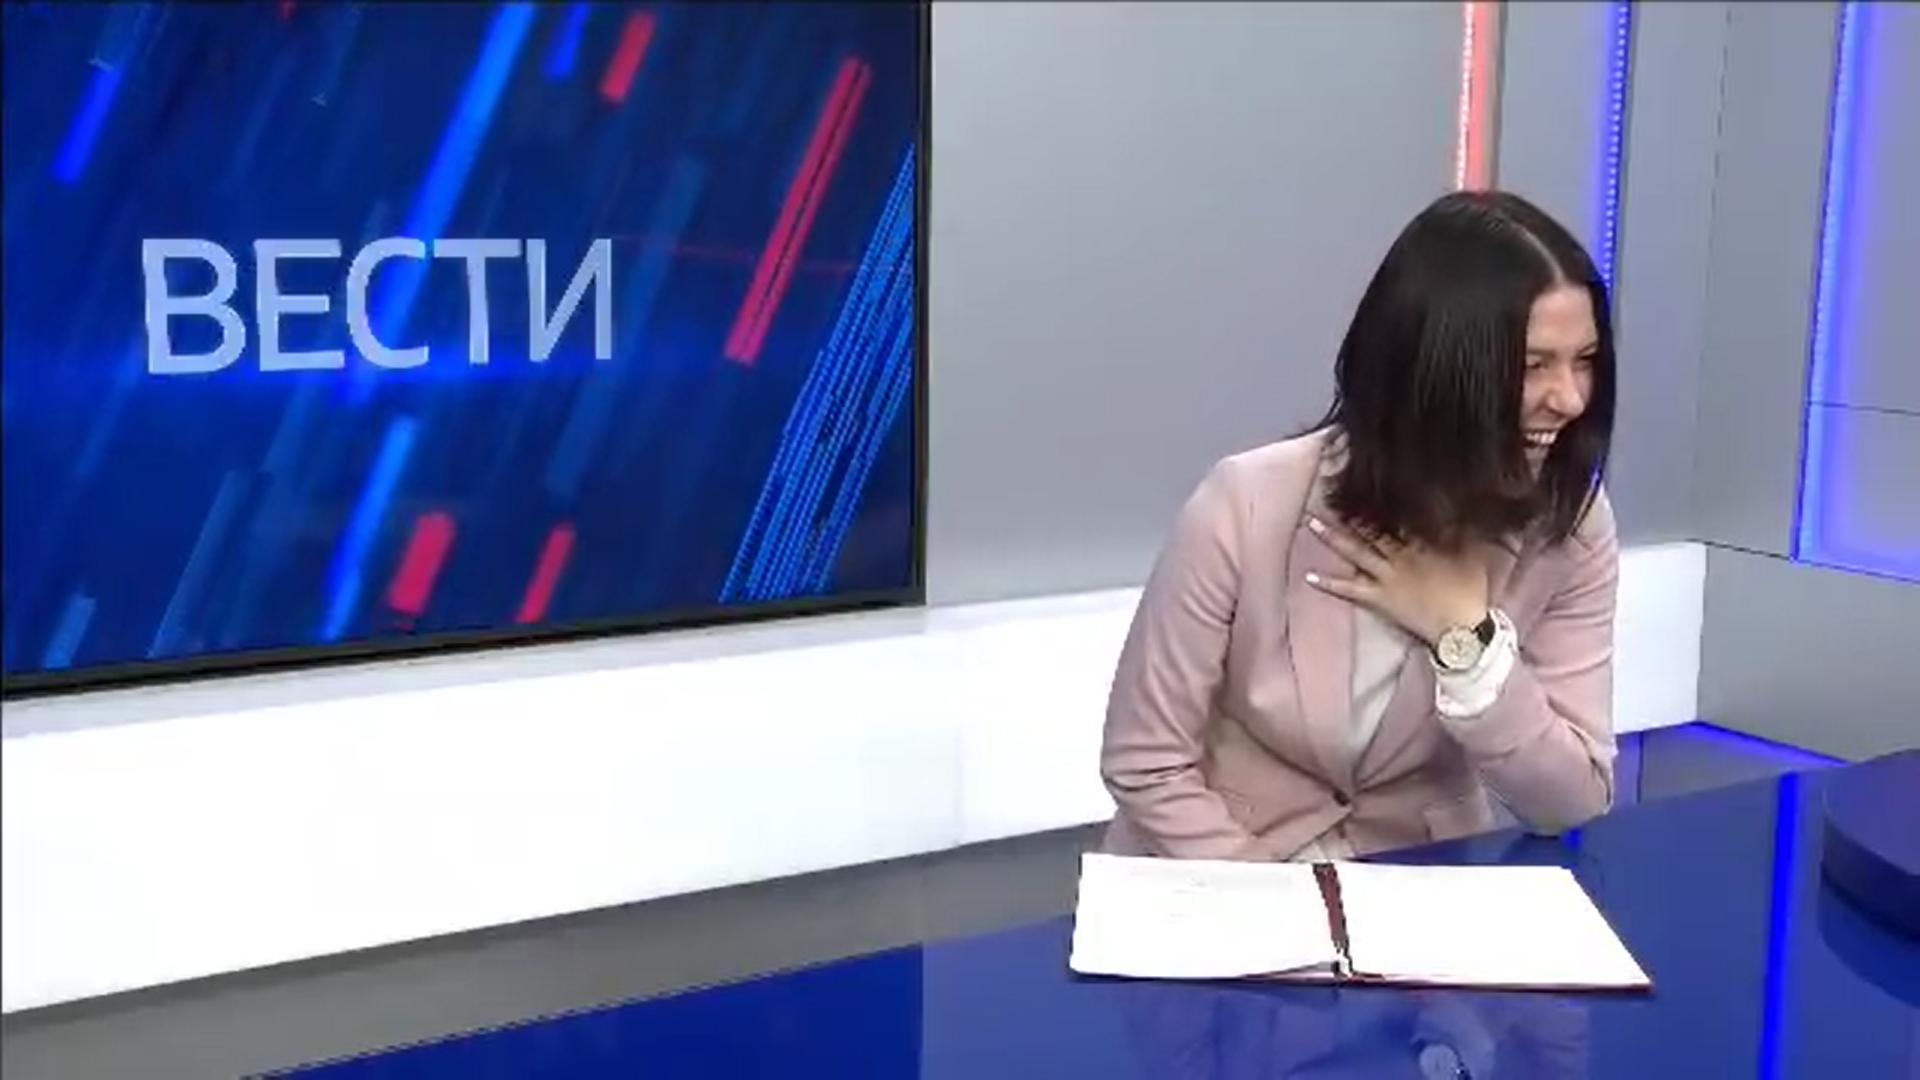 Телеведущая ВГТРК отказалась работать членом участковой избирательной комиссии 22 апреля